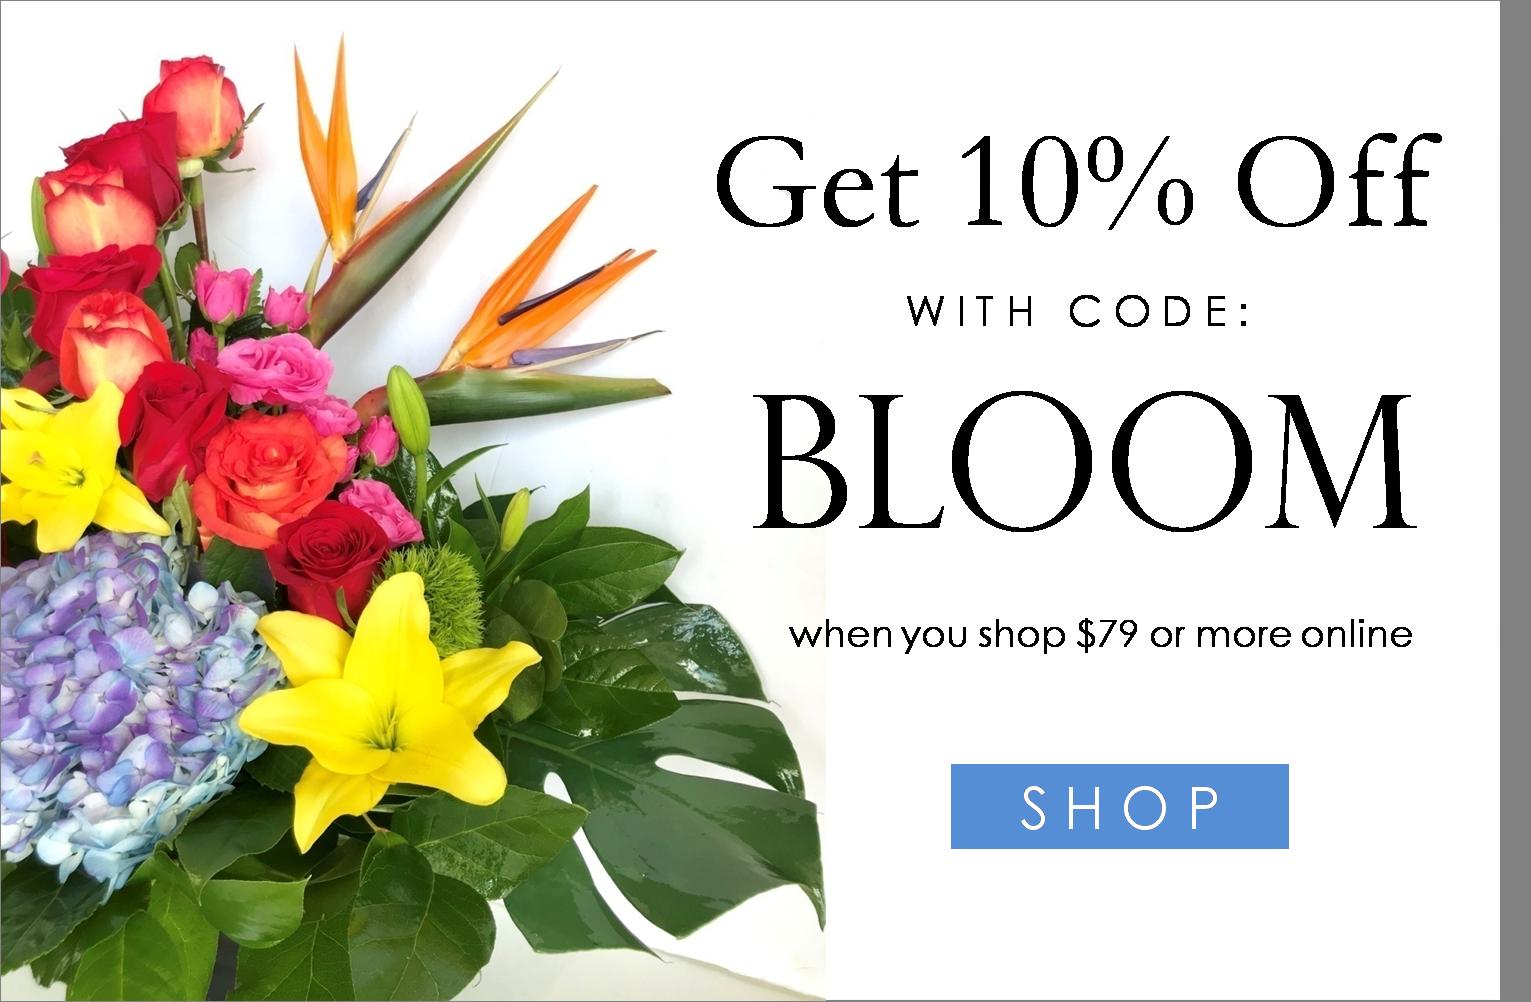 angies-floral-designs-el-paso-texas-79912-el-paso-texas.png